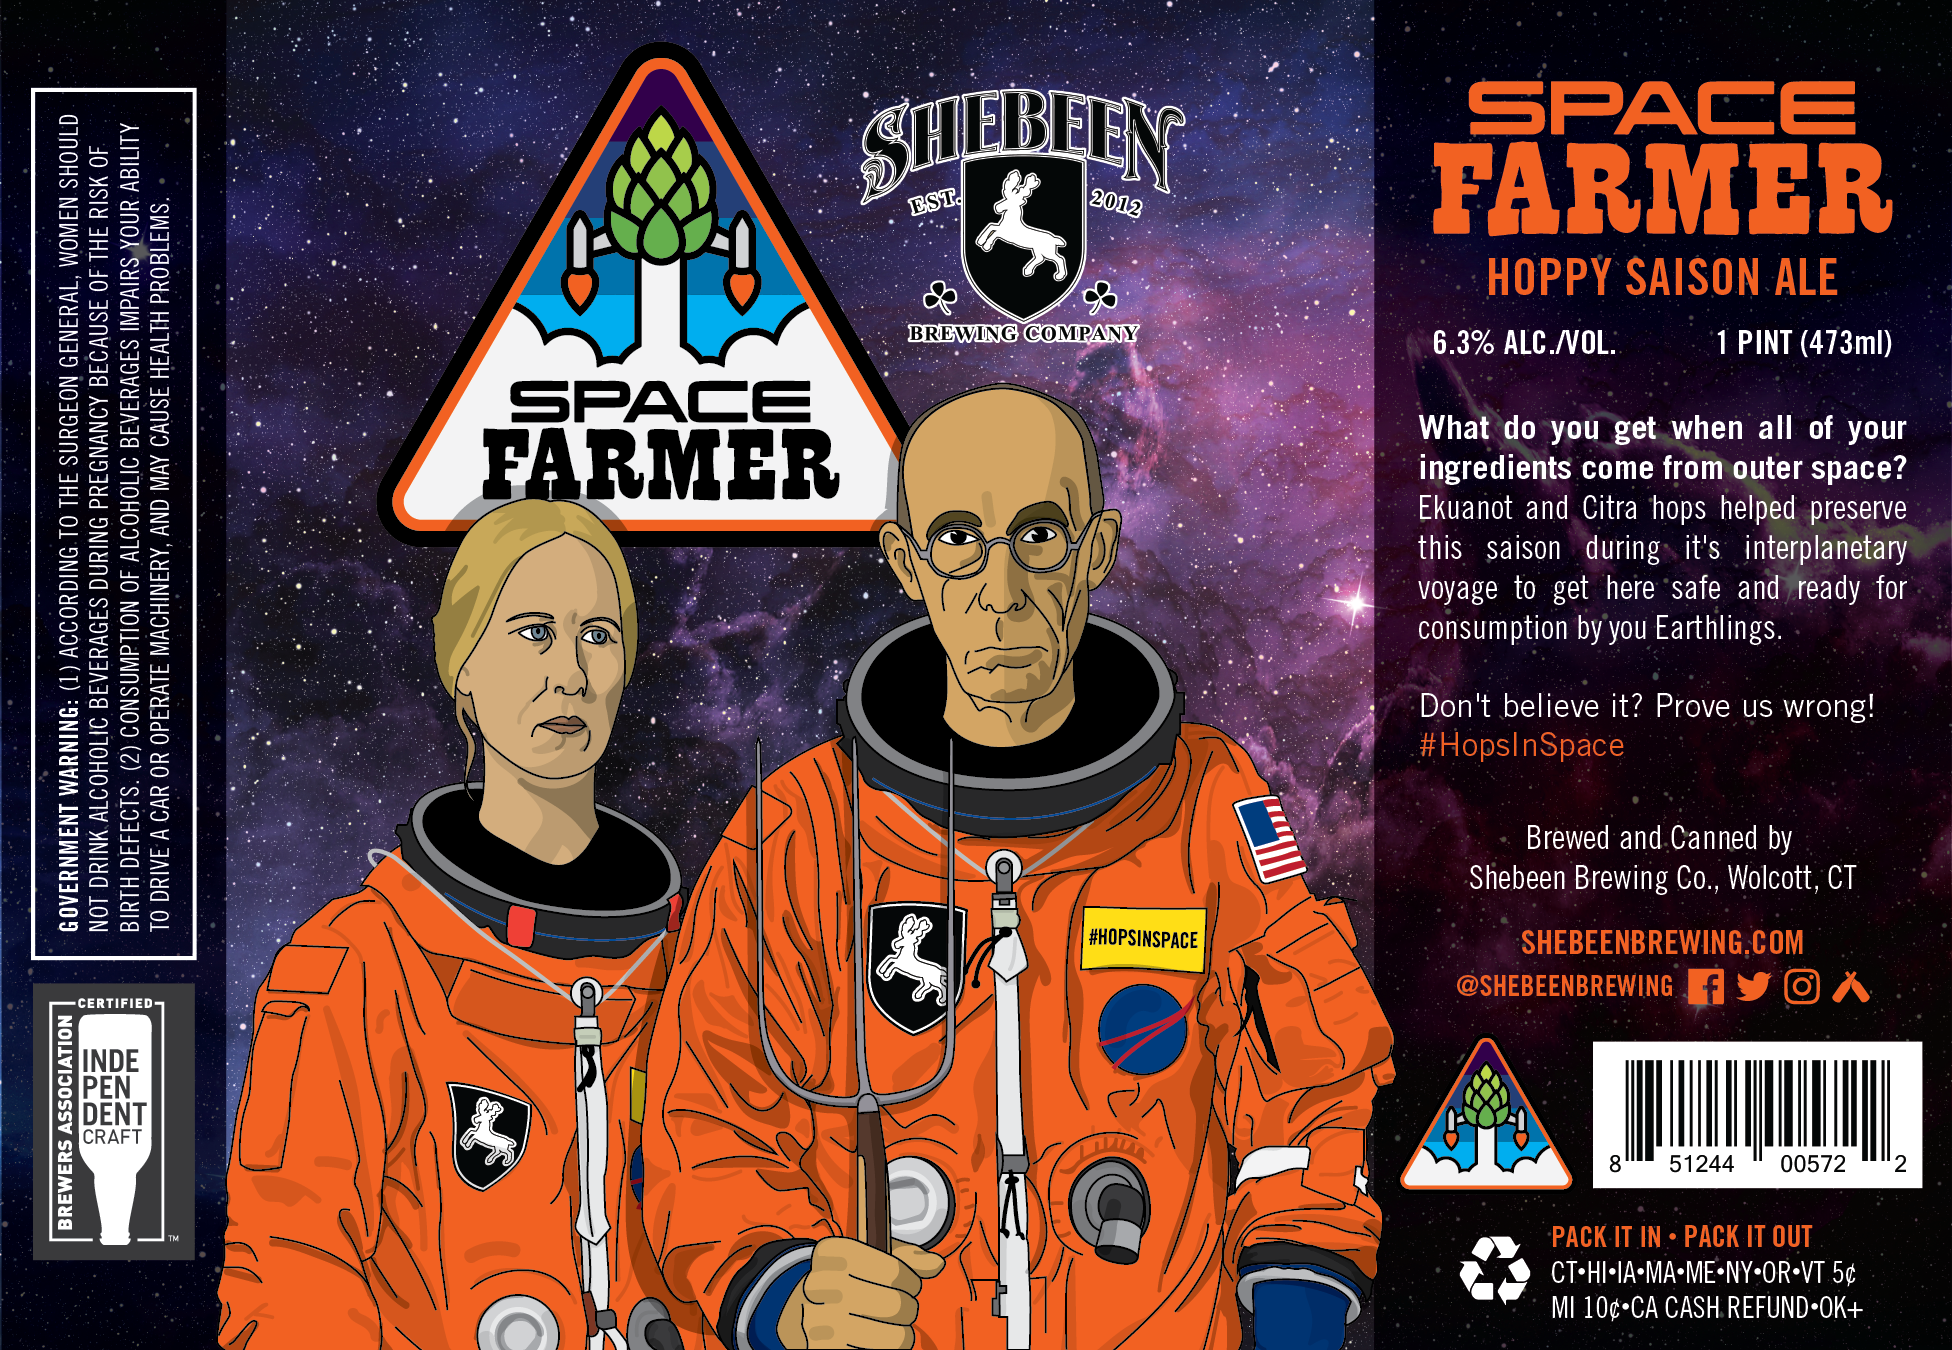 SpaceFarmer-label.png